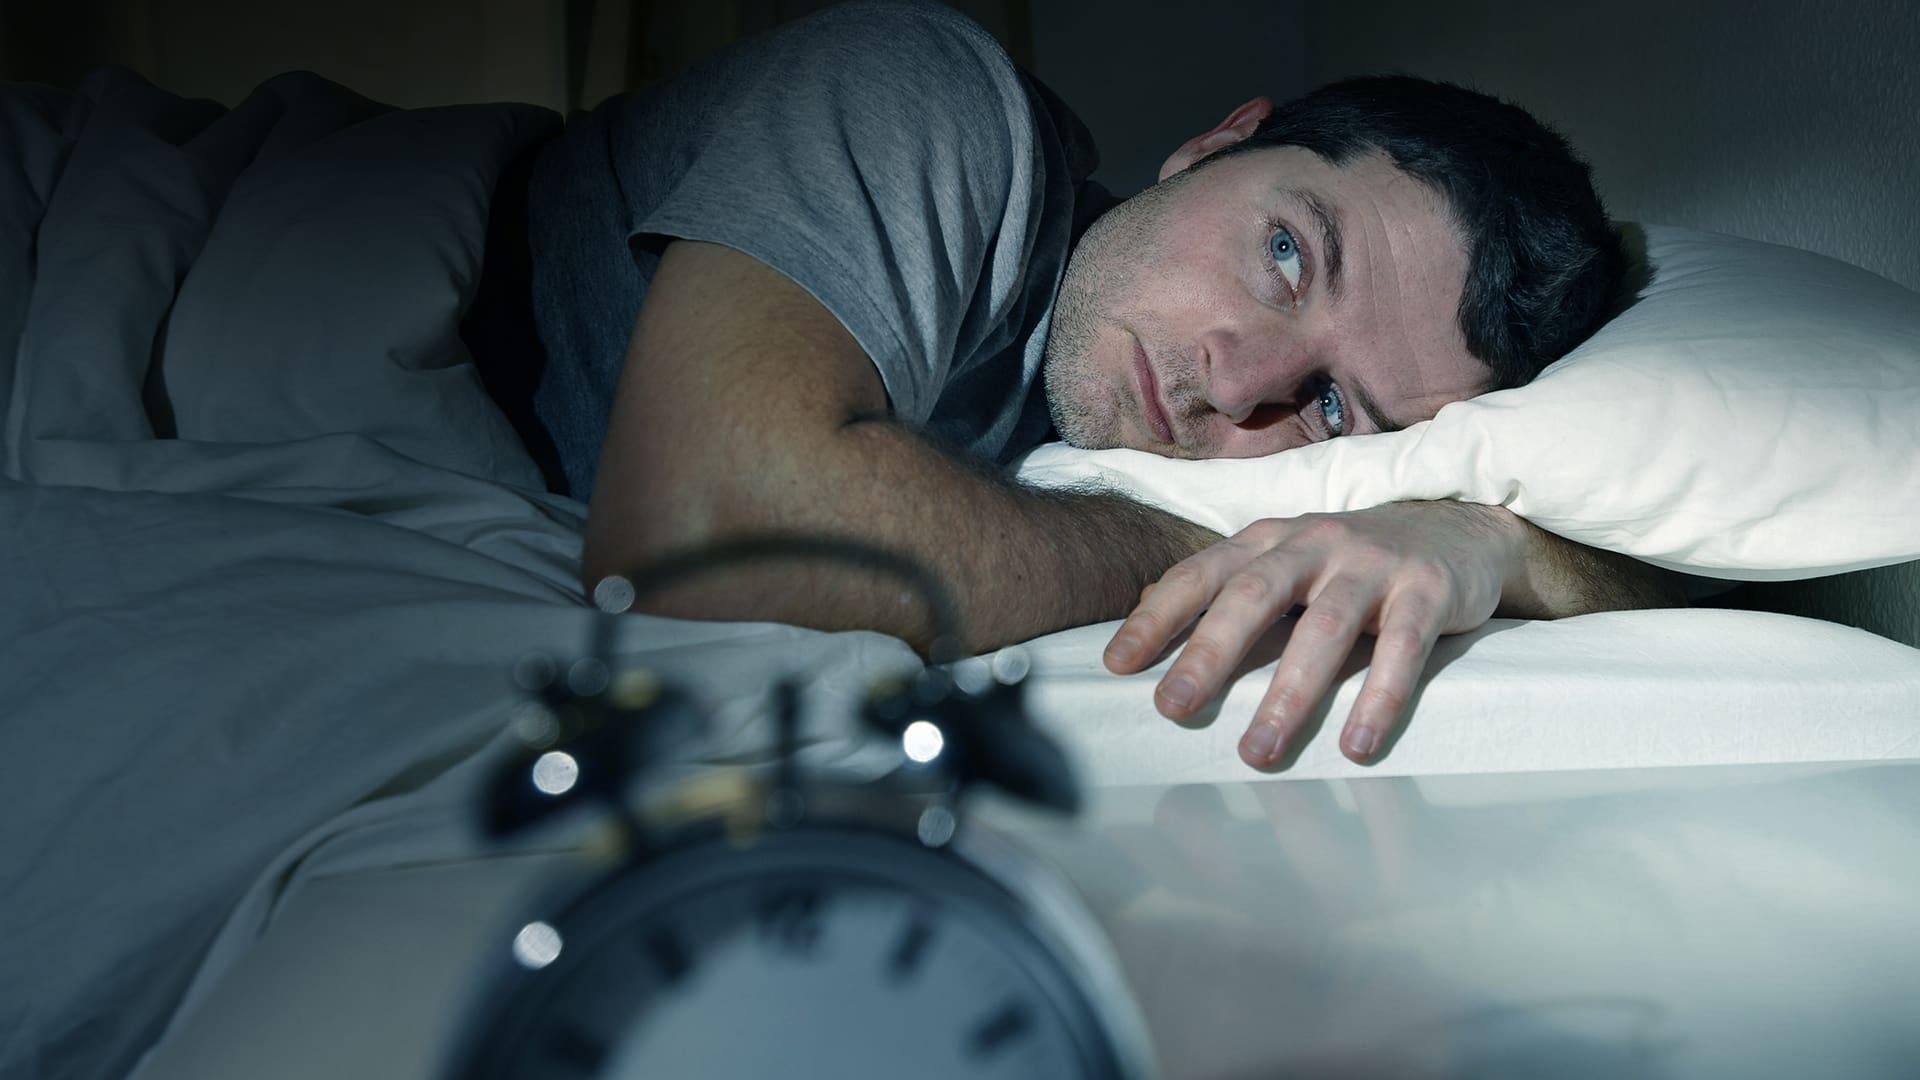 Søvnmangel fører til økt apetitt og søtsug